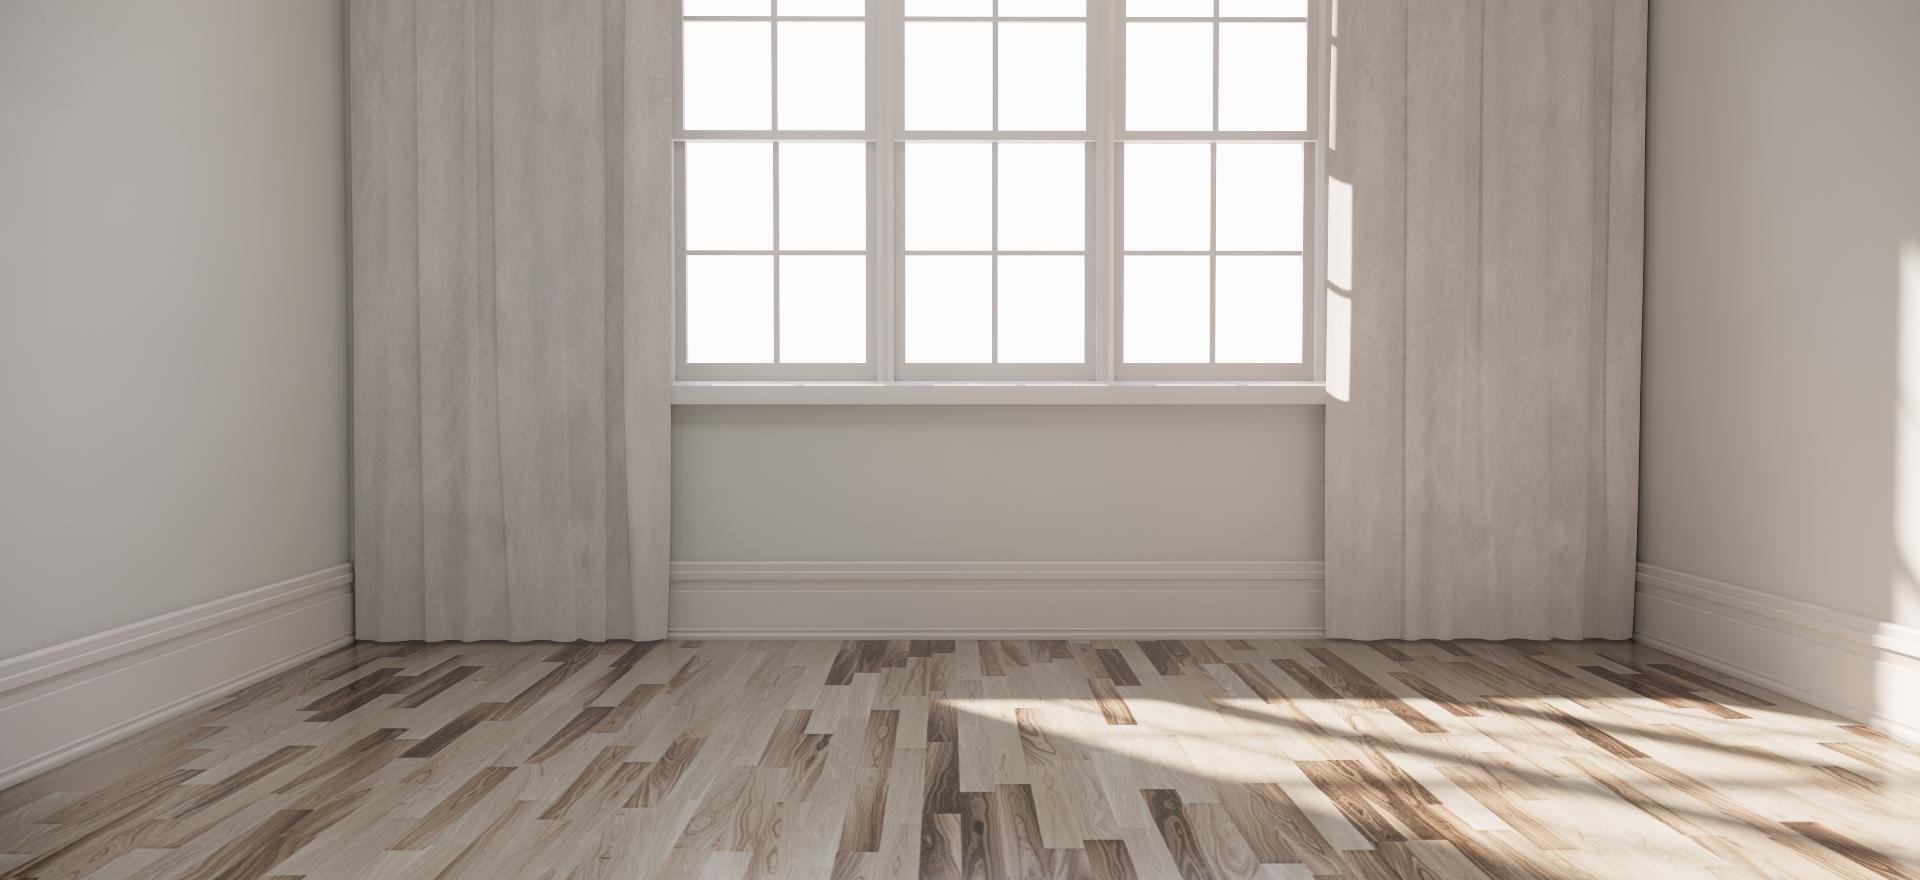 Wood Flooring 29.png